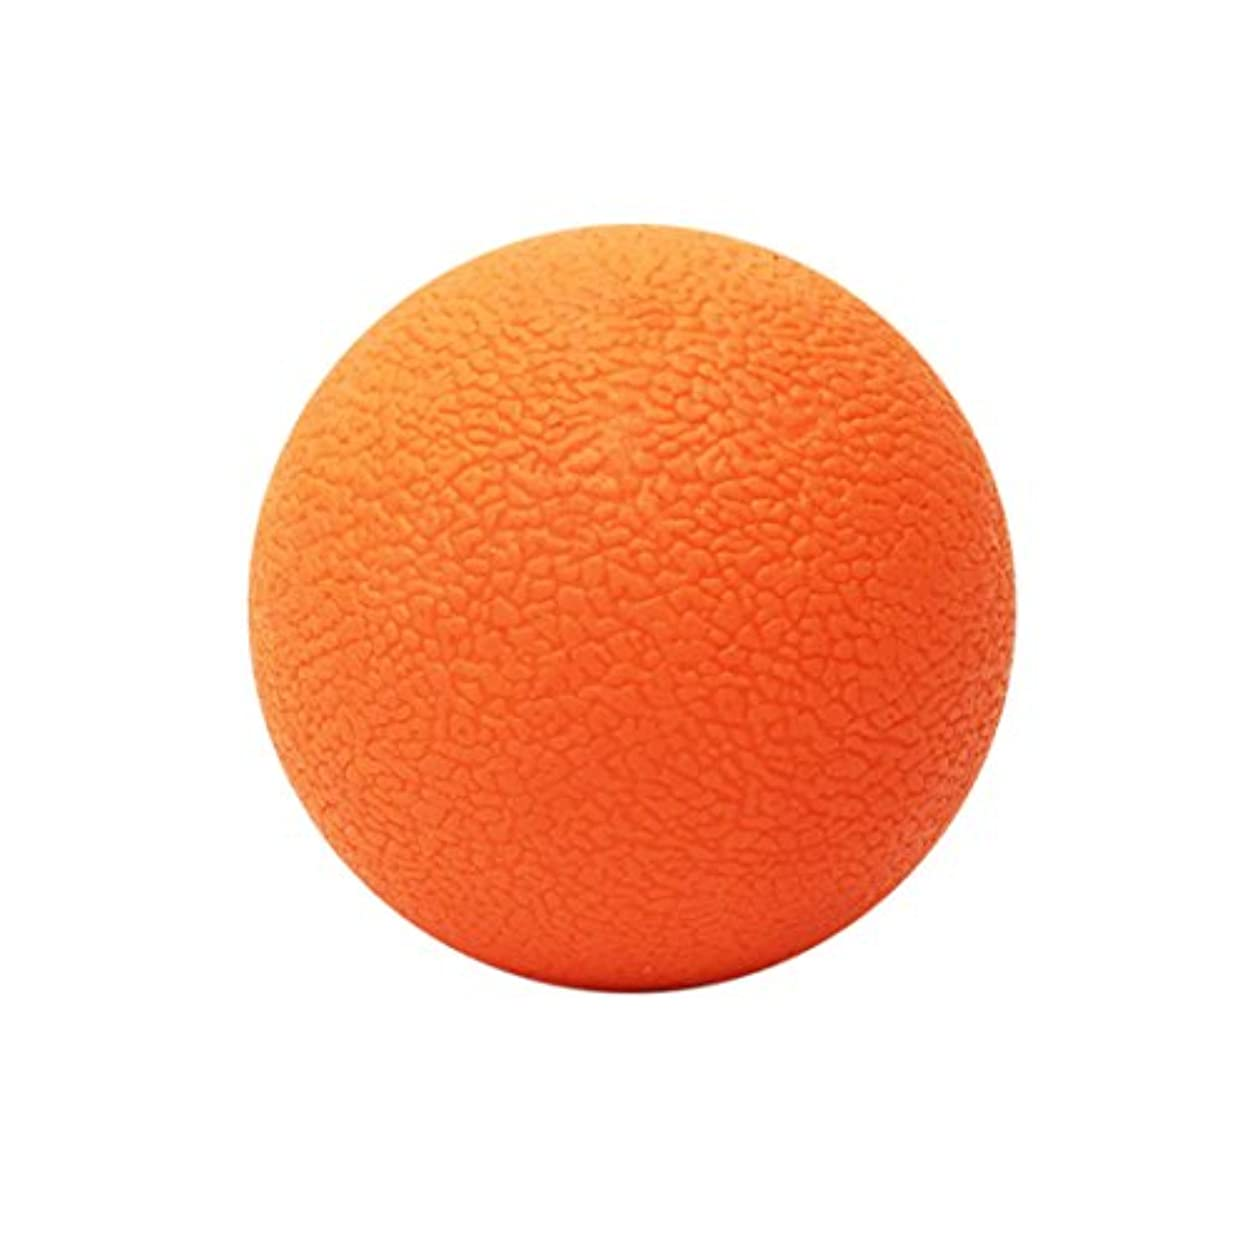 温帯疼痛ブラインドFreahap ストレッチボール マッサージボール リラックスボール 腰痛 肩こり ヨガ トレーニング シリコンゴム製